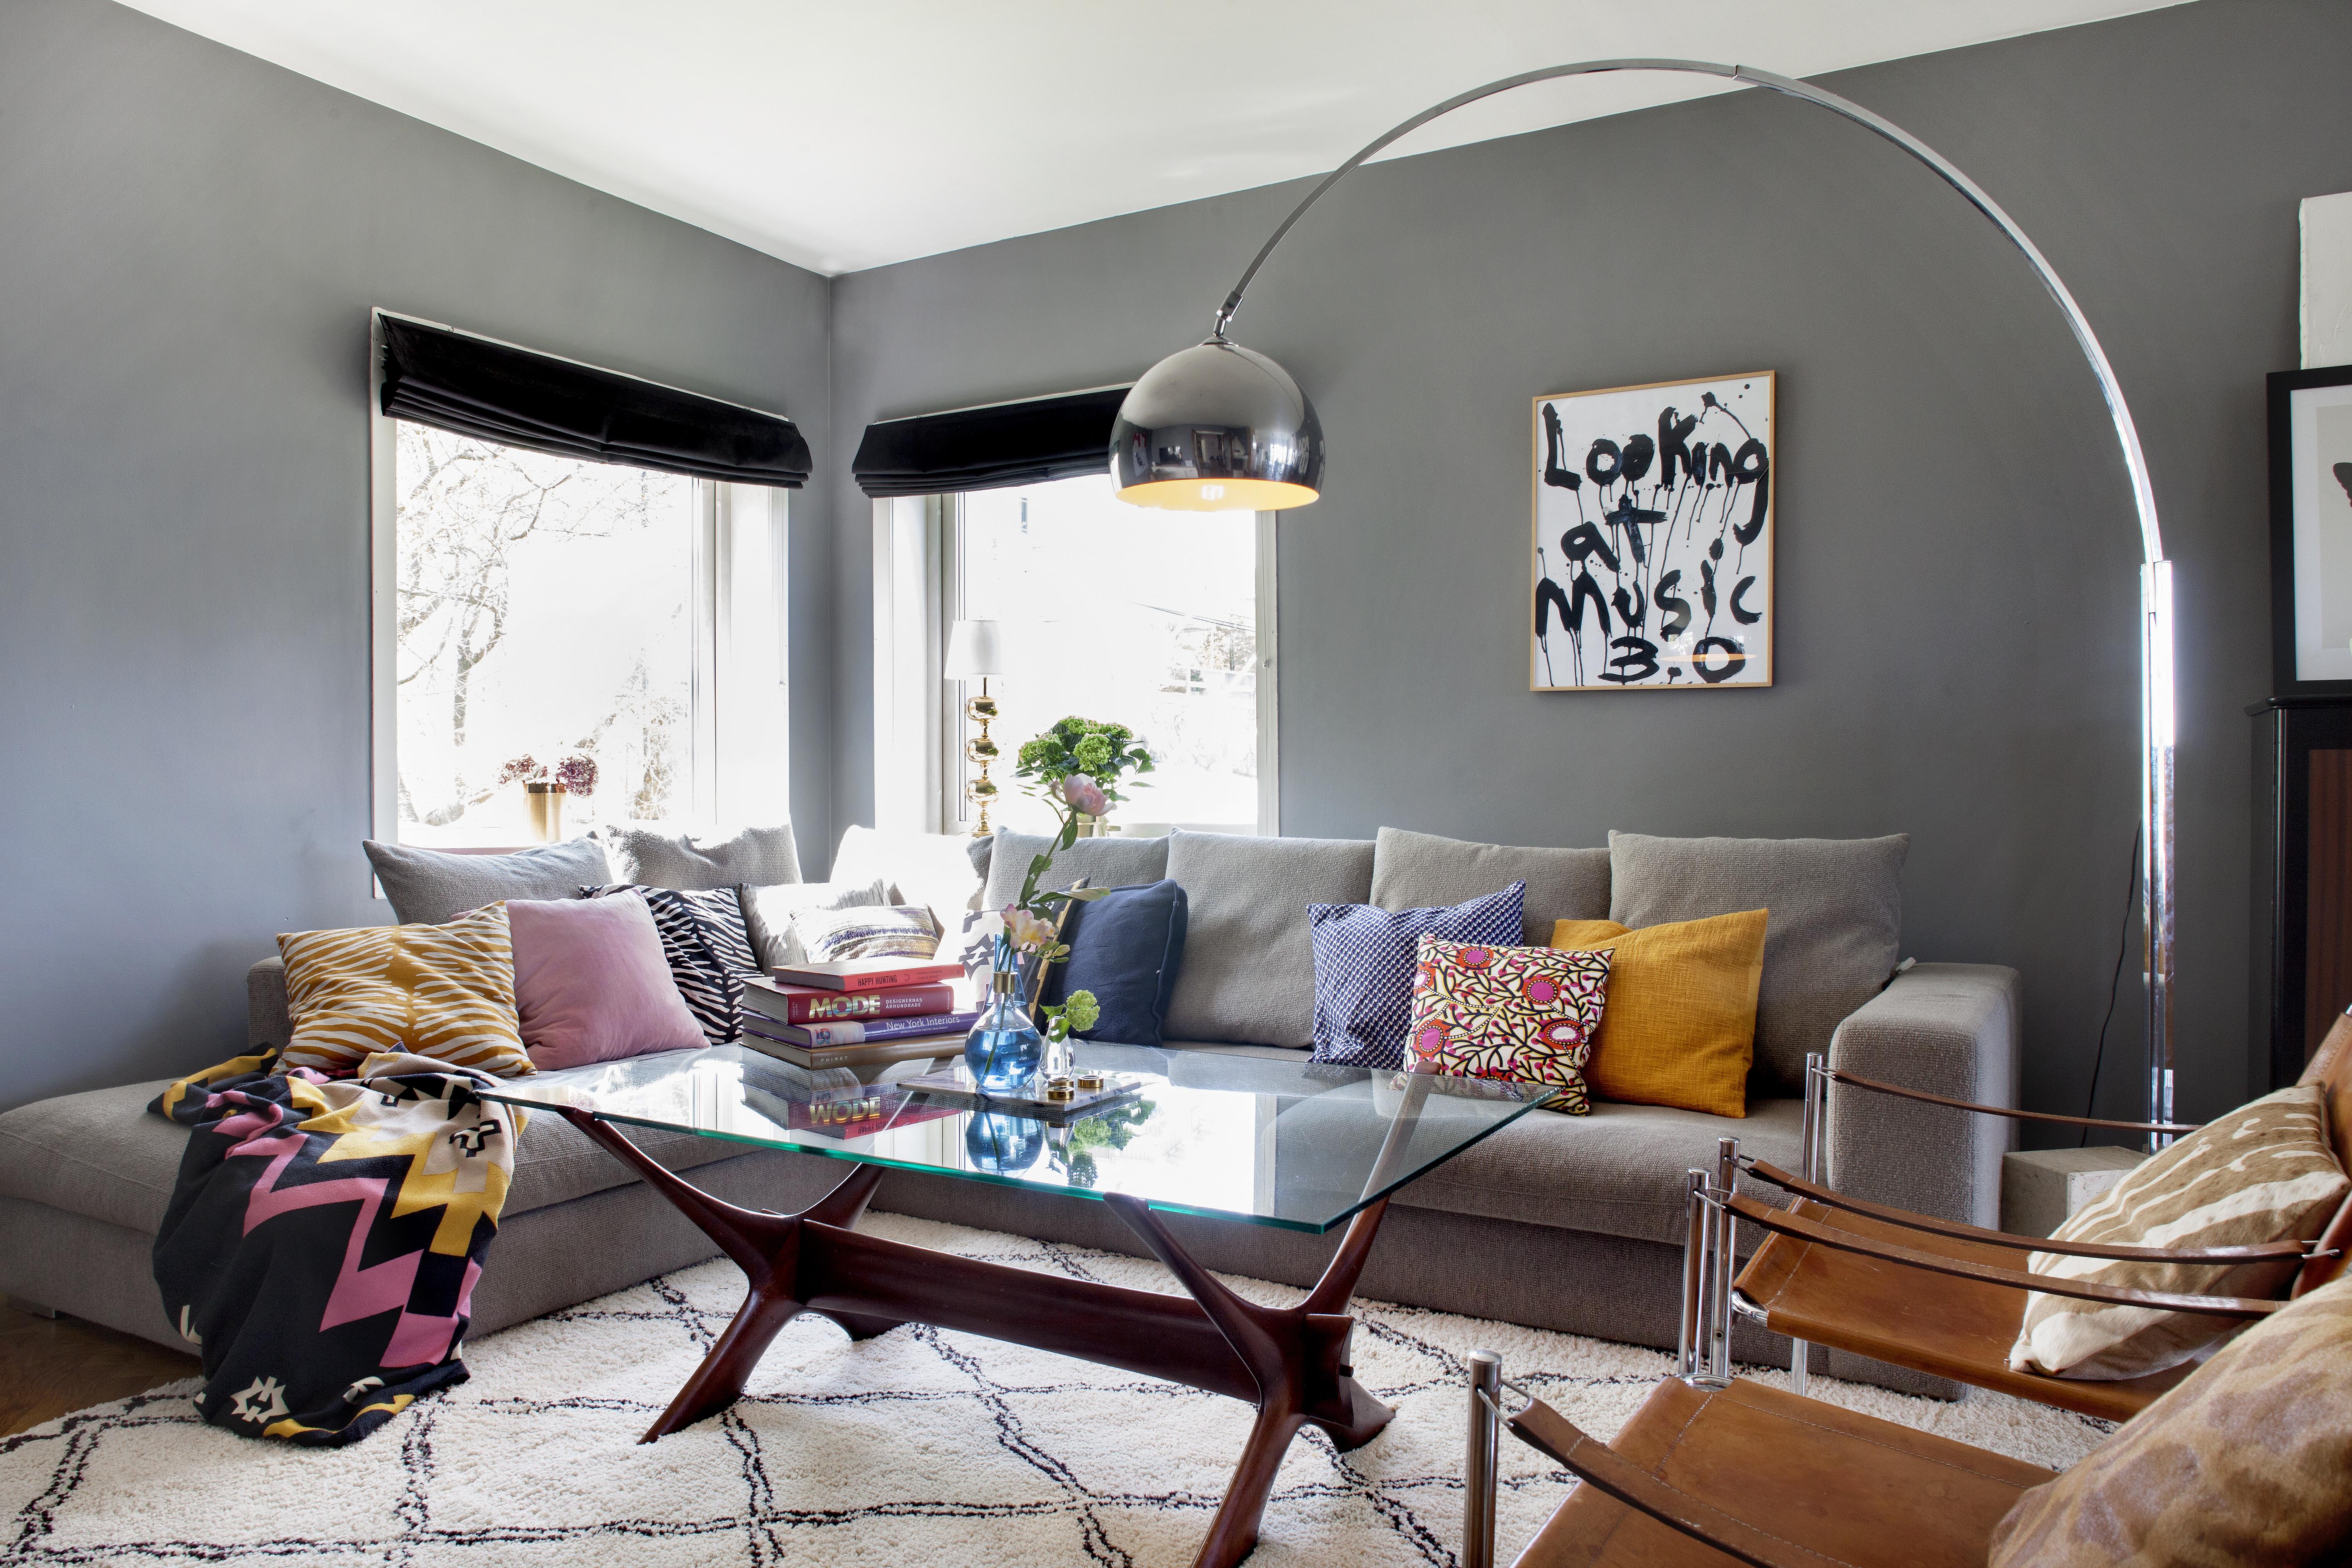 Bare ut Slik lyssetter du hjemmet - rom for rom | Huseierne CT-25